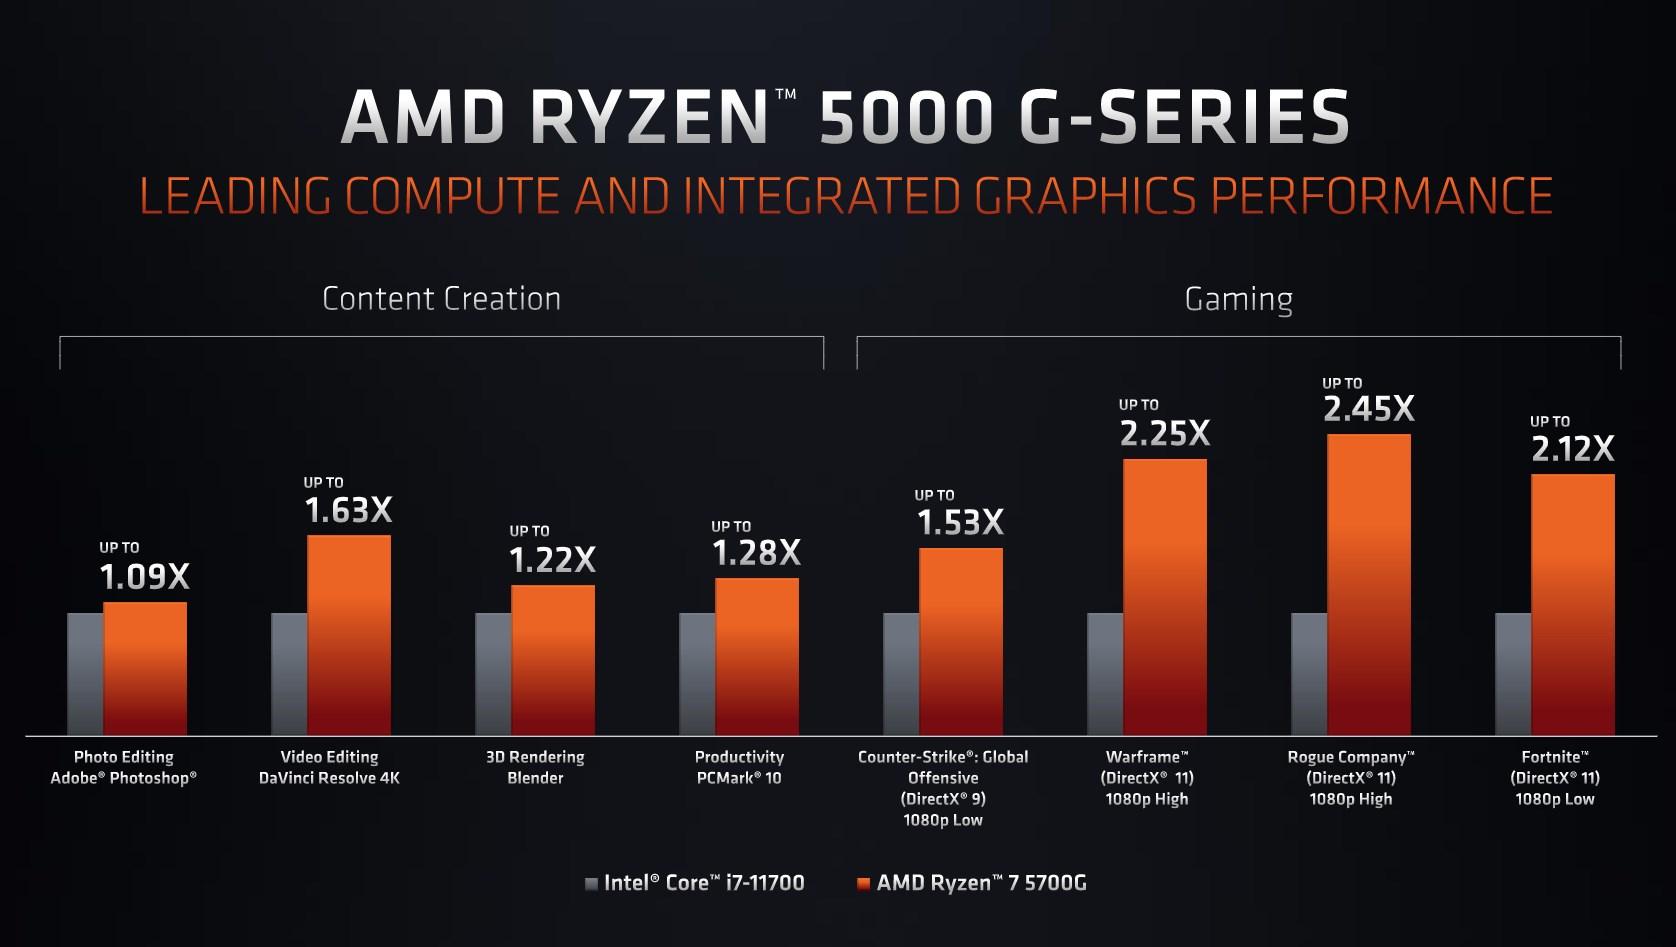 Ryzen 7 5700G versus the Intel Core i7-11700